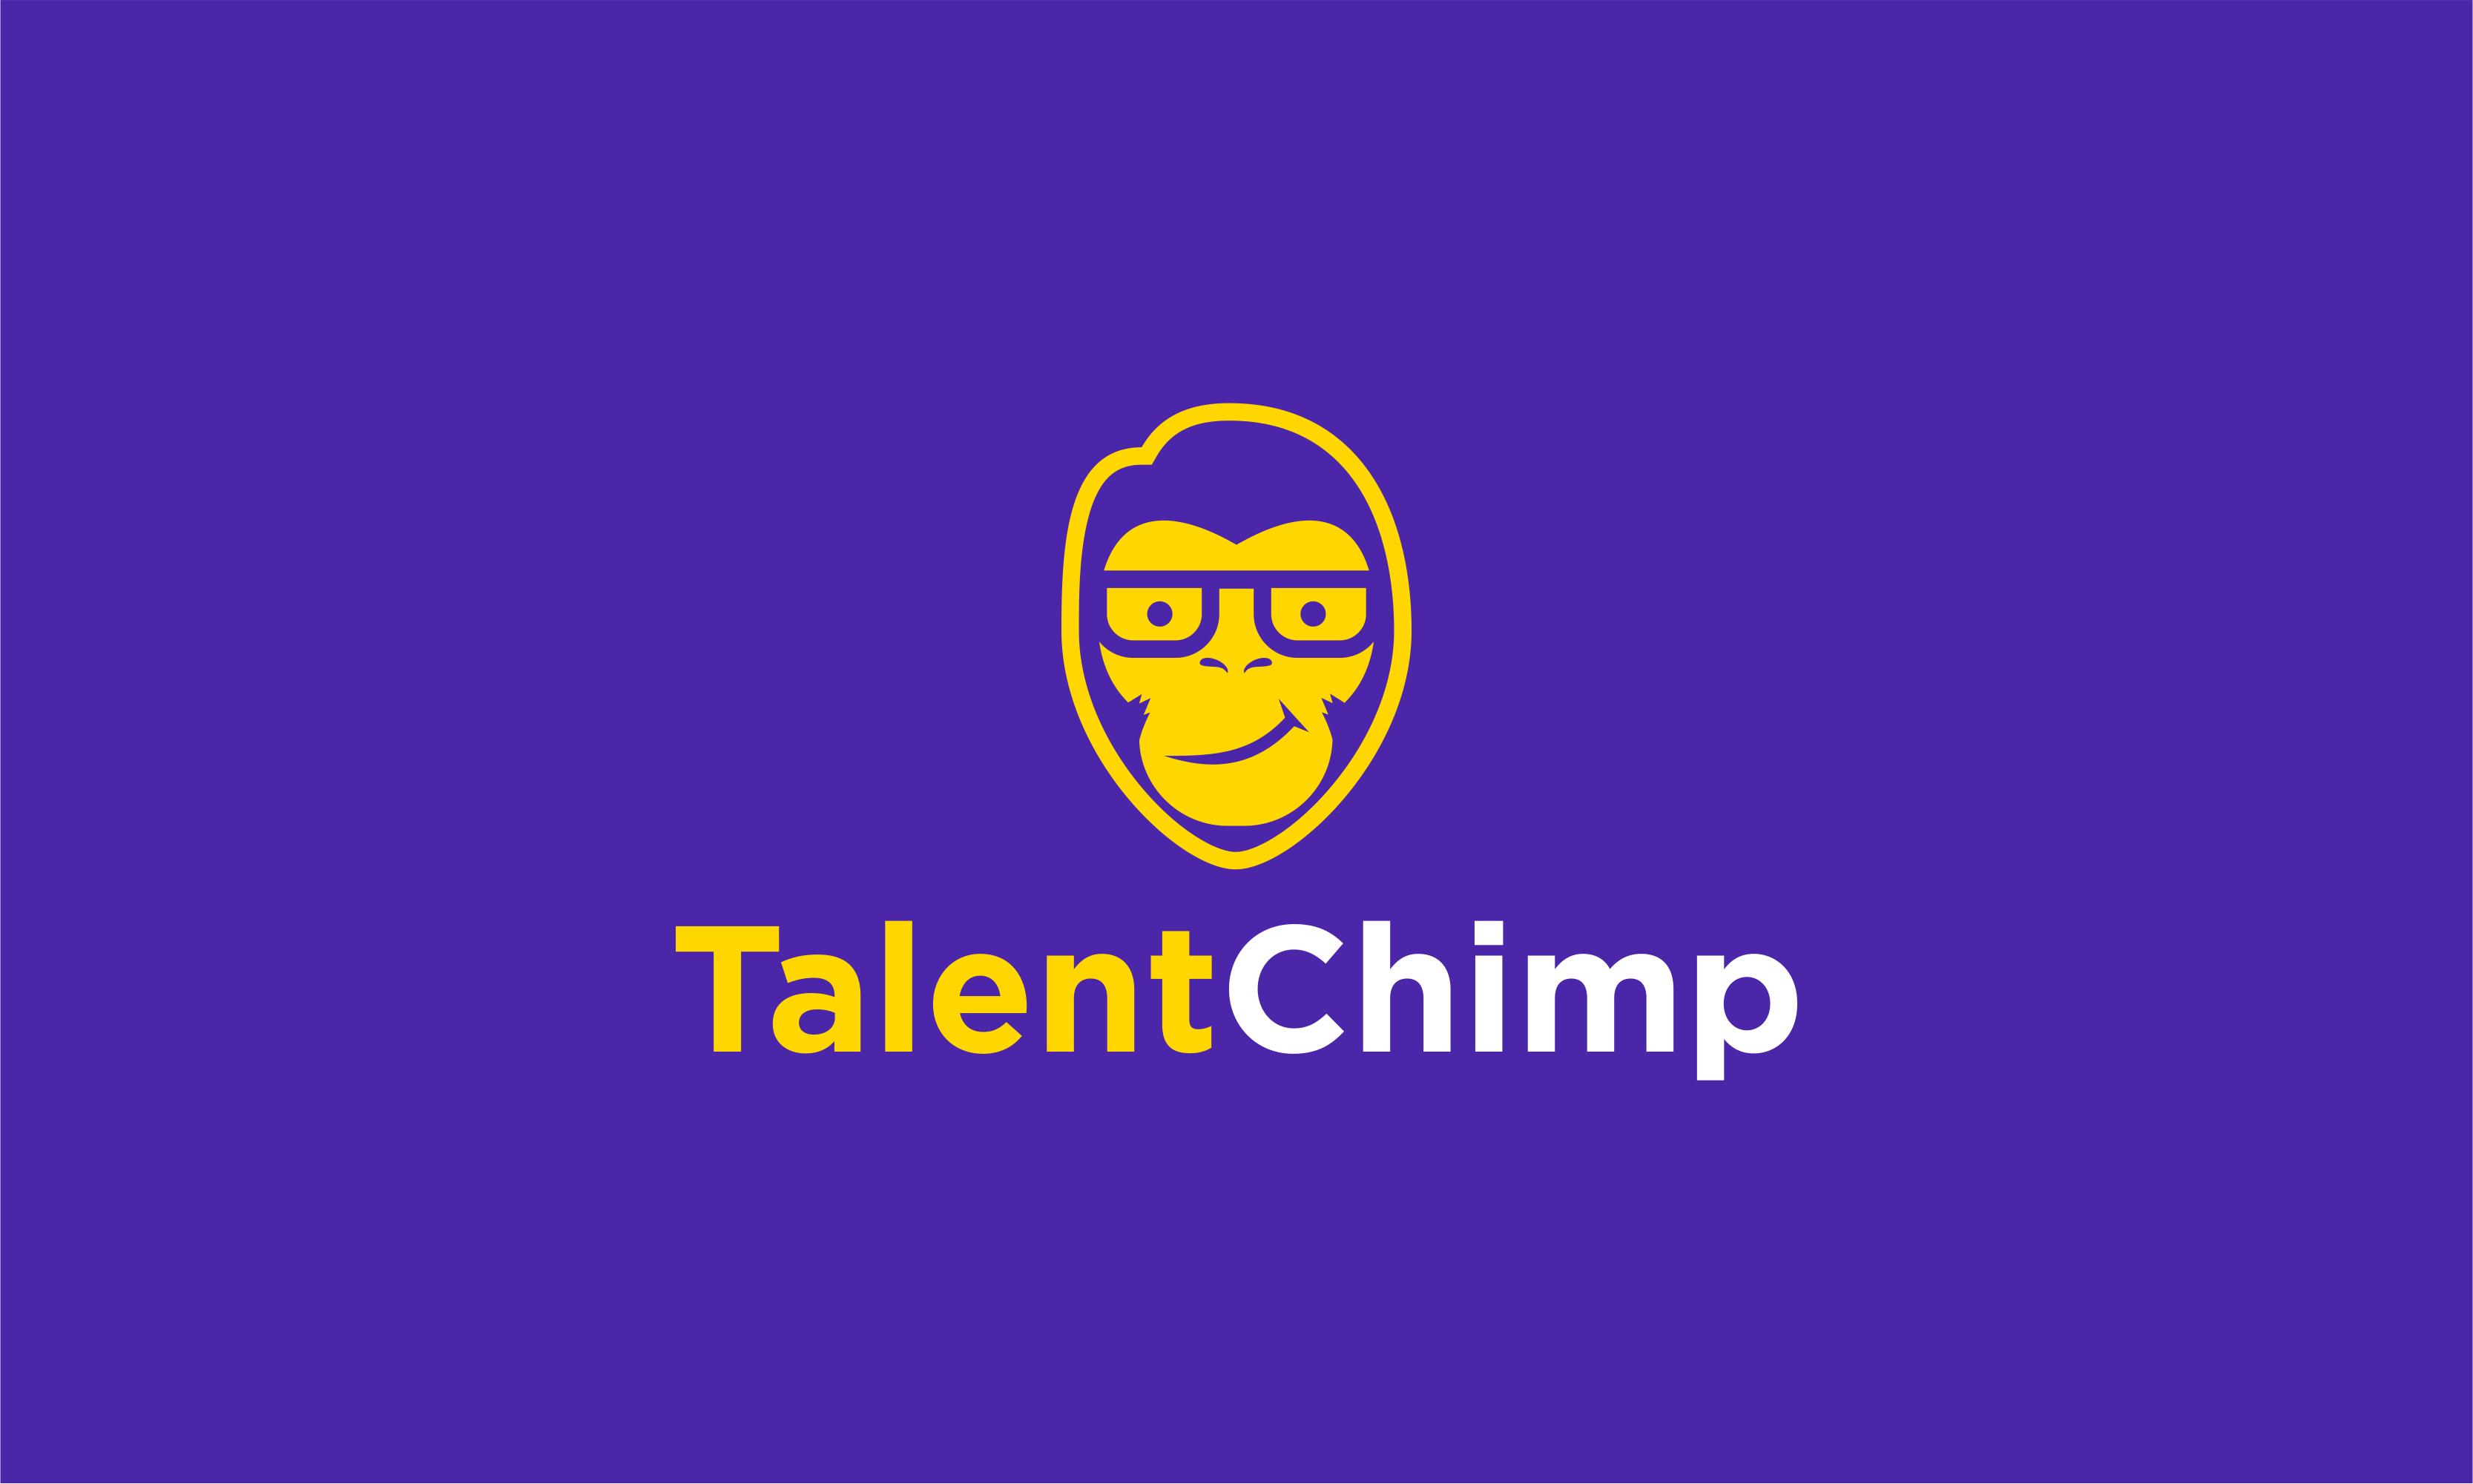 Talentchimp